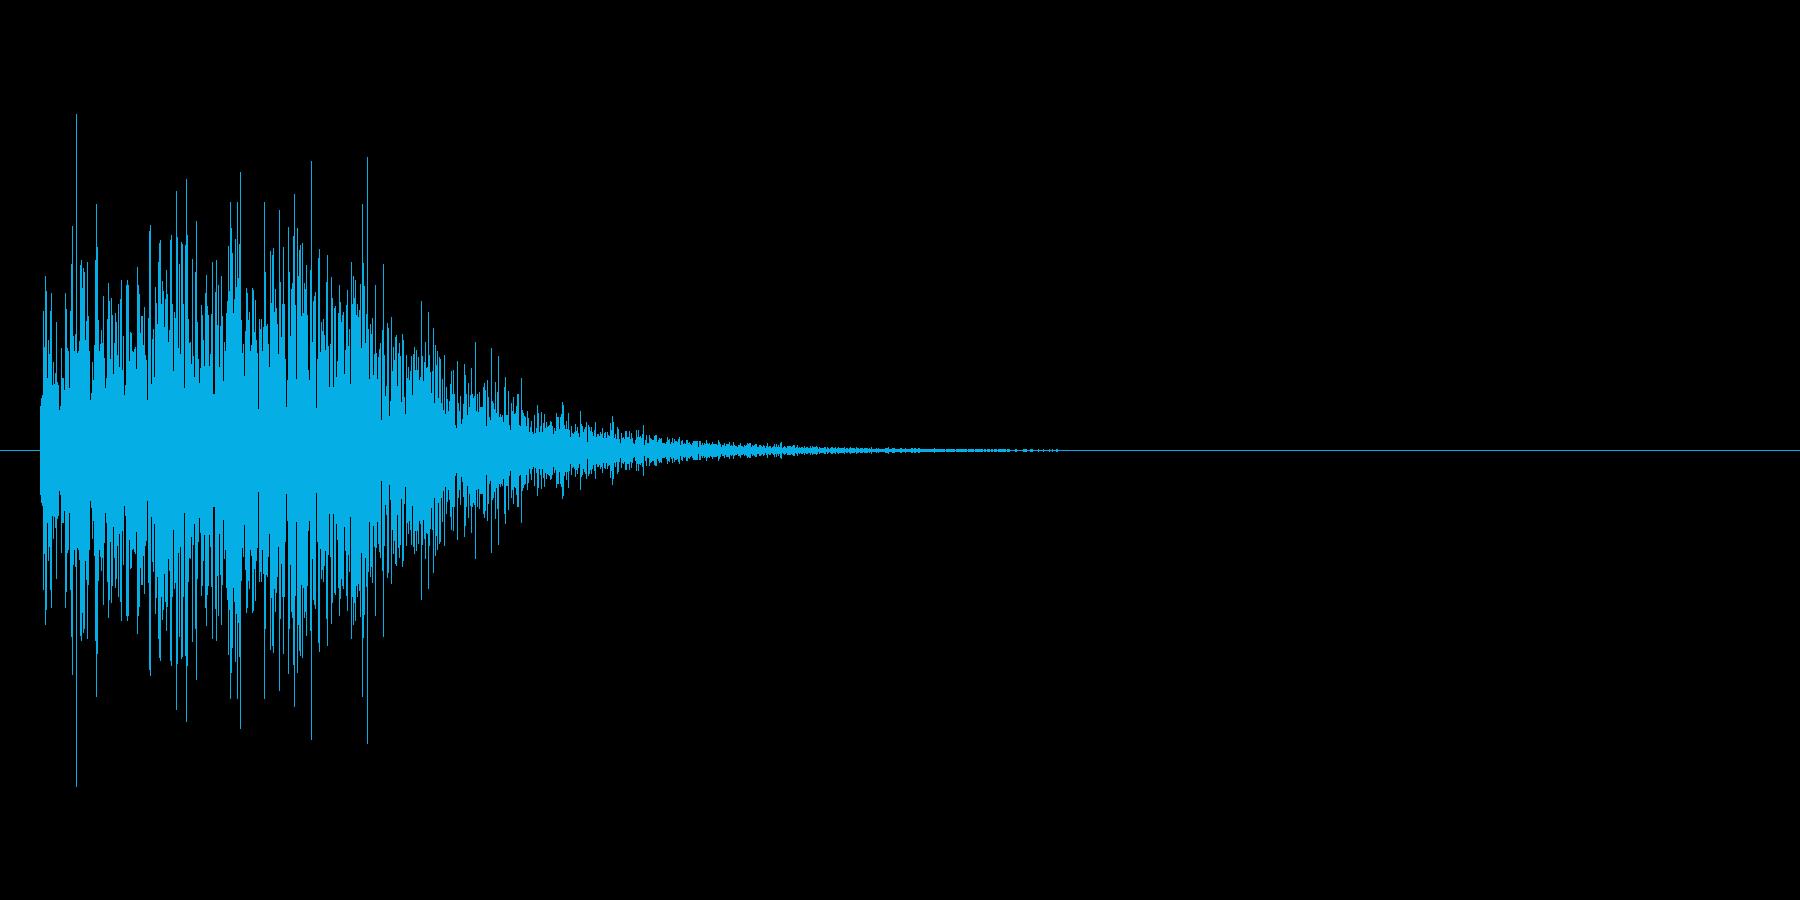 回転ジャンプした時の効果音の再生済みの波形